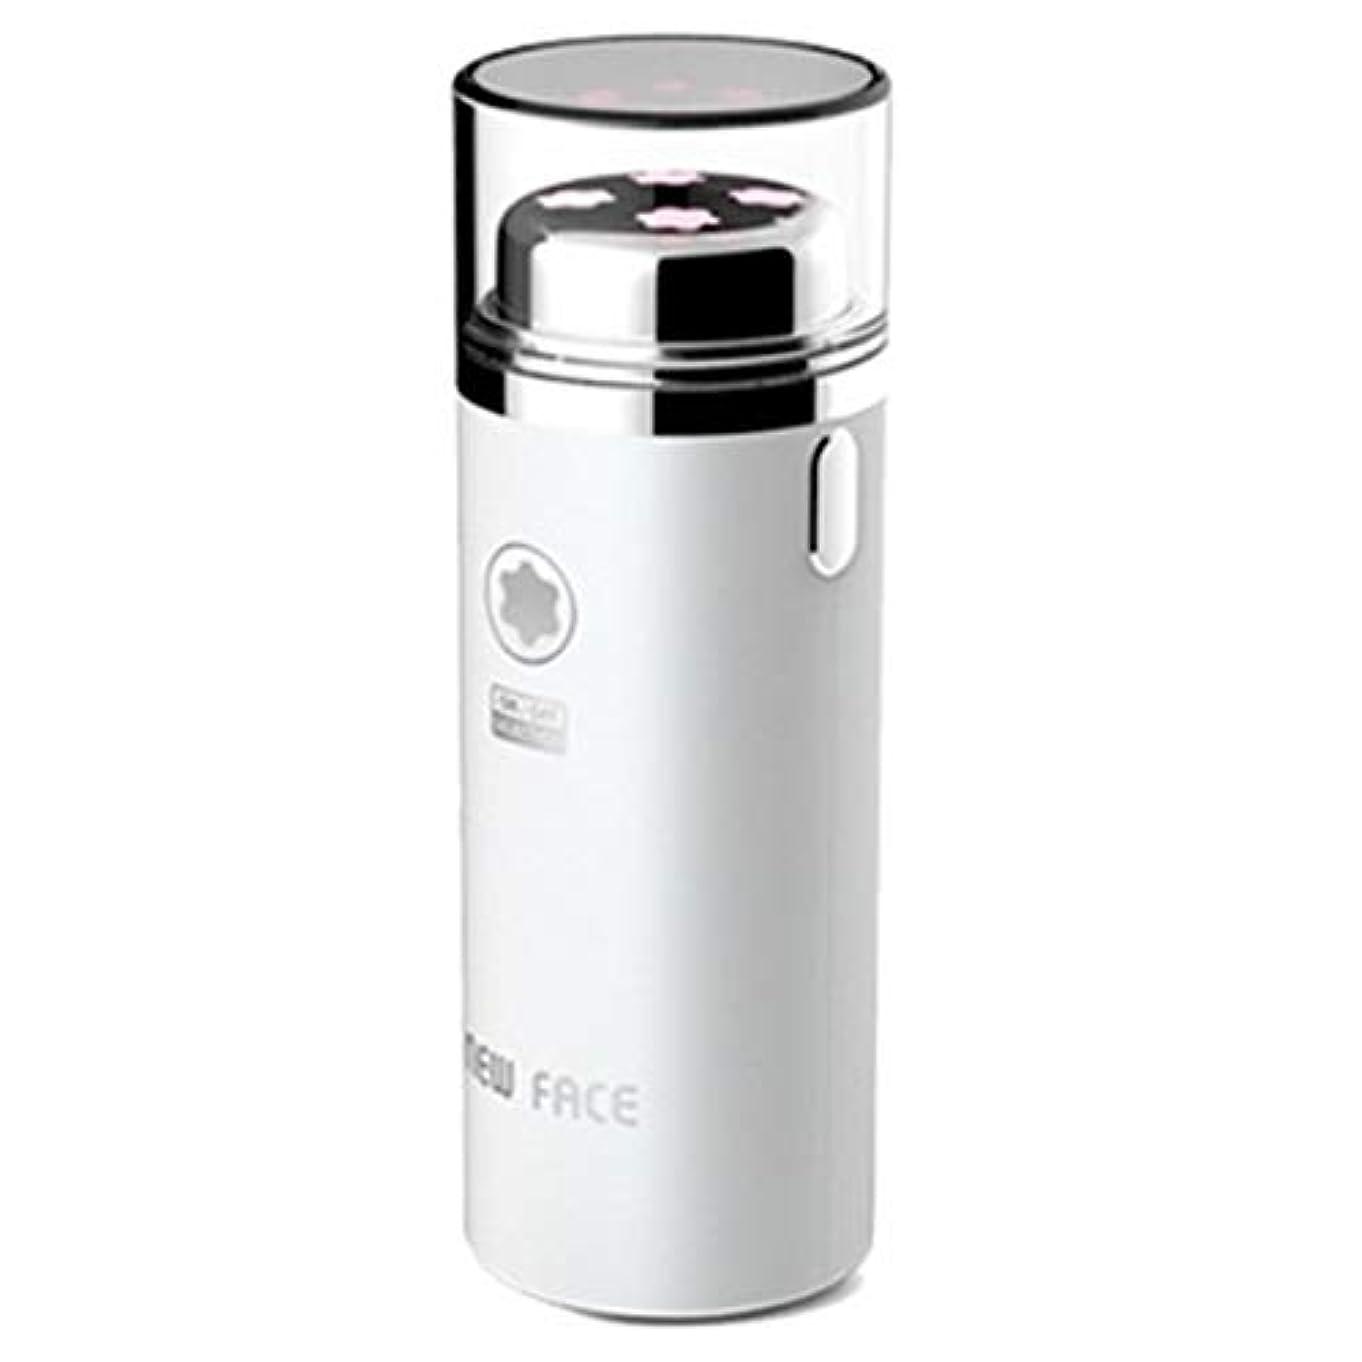 寝る男らしさ素人エラニューフェイスガルバニックマイクロ振動イオンスキンマッサージャーEFM-2500ホワイト Elra New Face Galvanic Micro Vibration Ion Skin Massager EFM-2500...